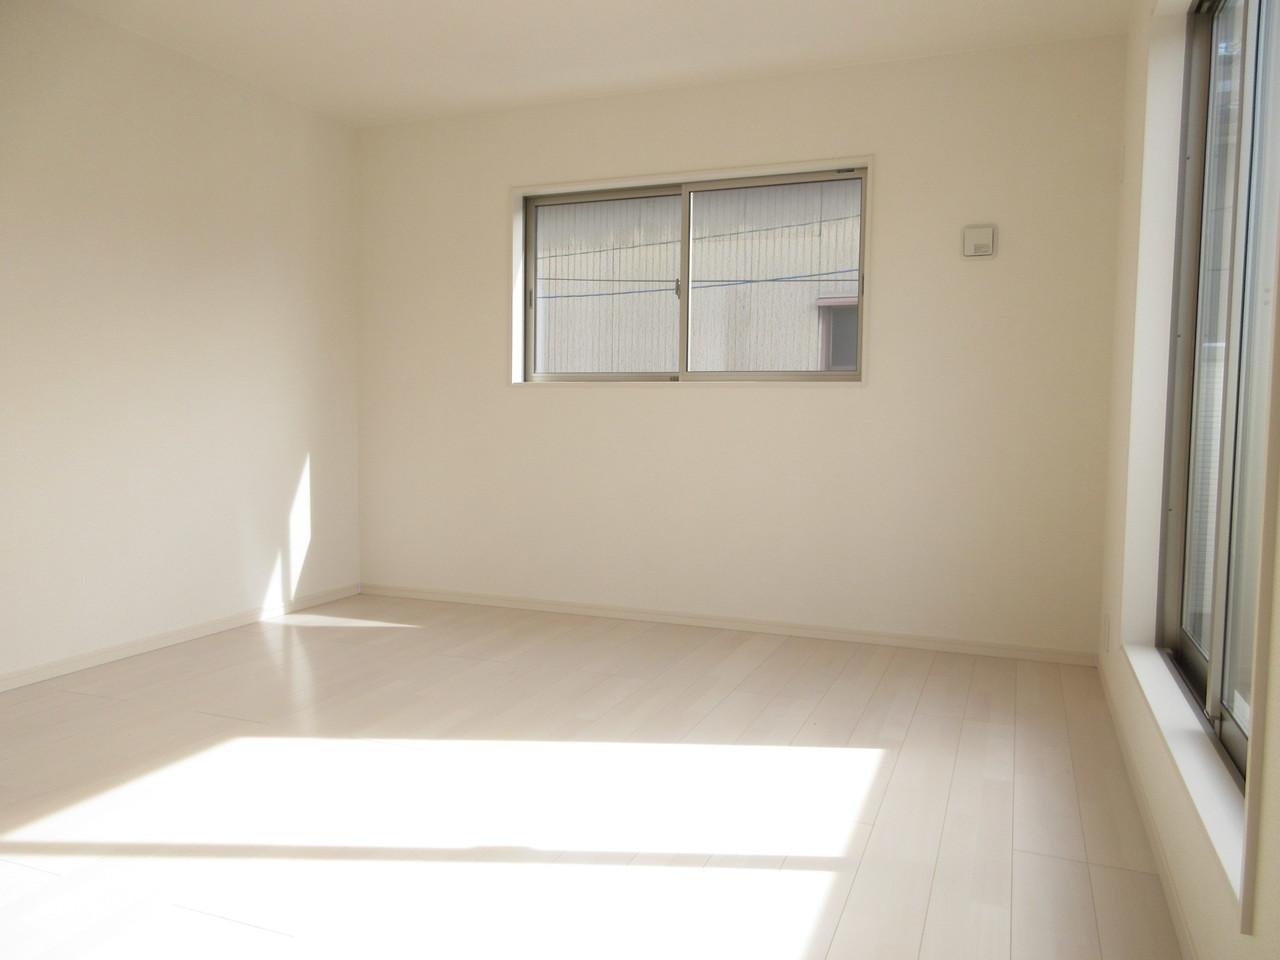 8.25帖の洋室は南向きで暖かな光が差し込みます◎部屋の大きさも十分ございます。